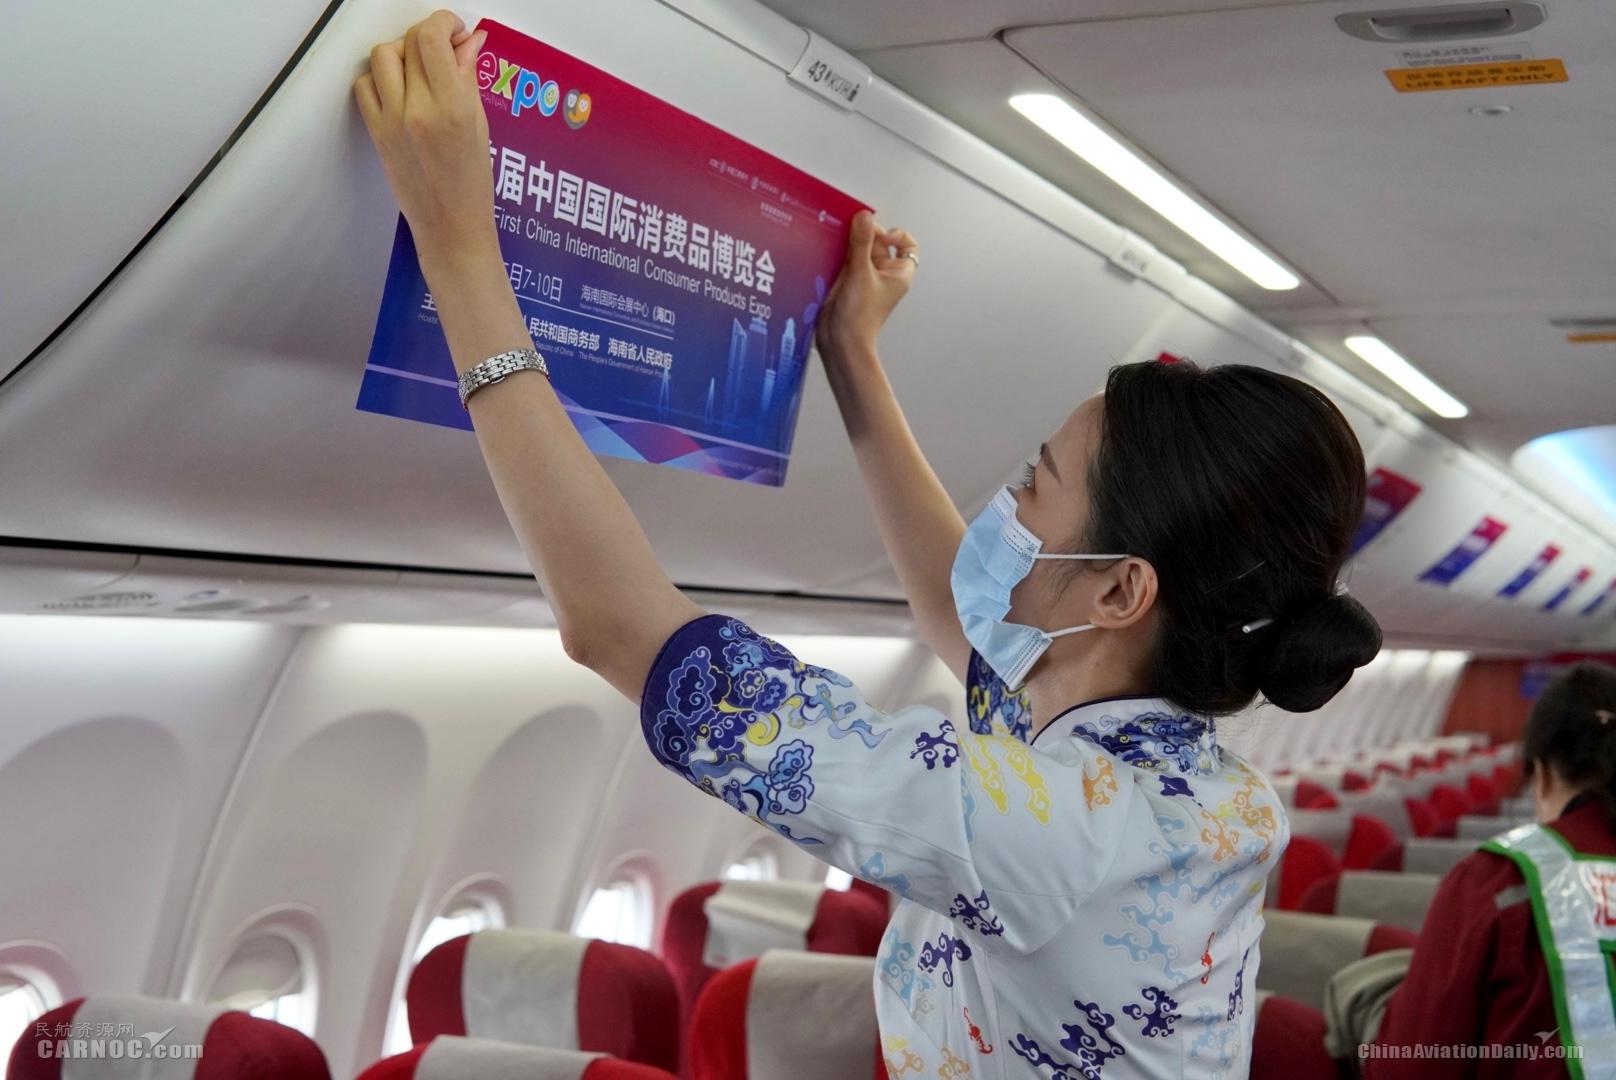 五一假期海南航空运送旅客74.8万人次,国内客运收入较2019年同期增长20%